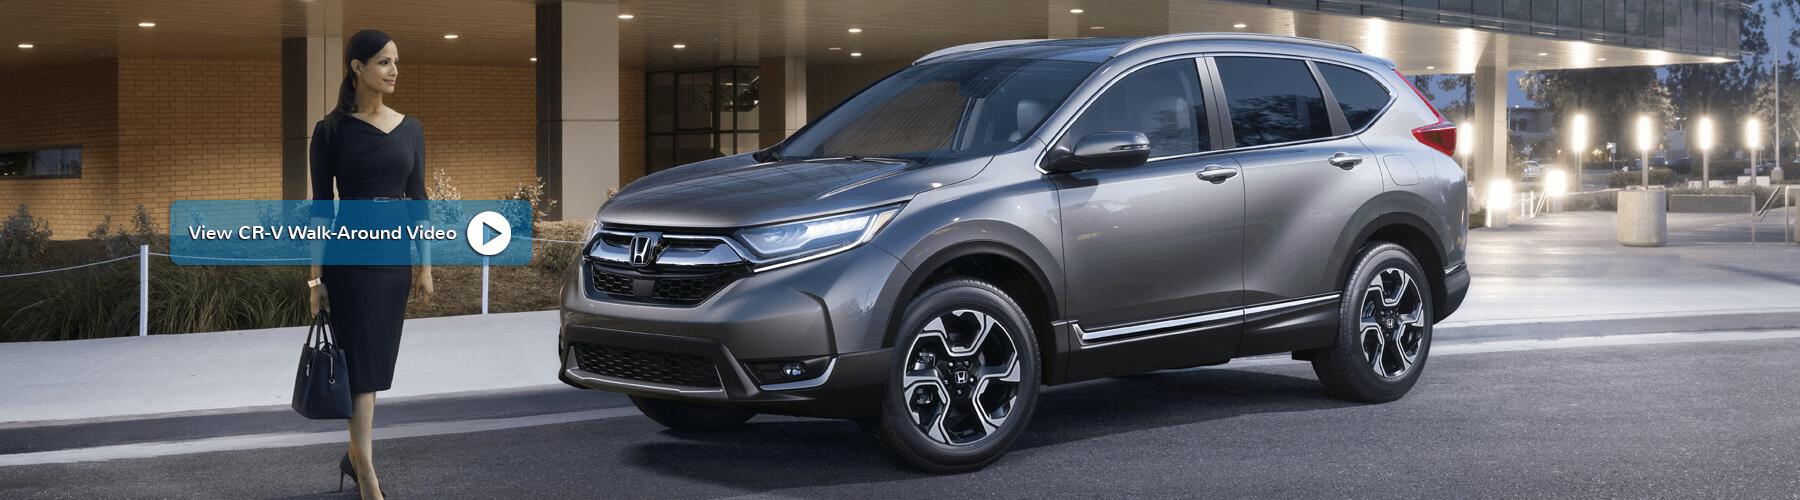 2018 Honda CR-V Banner